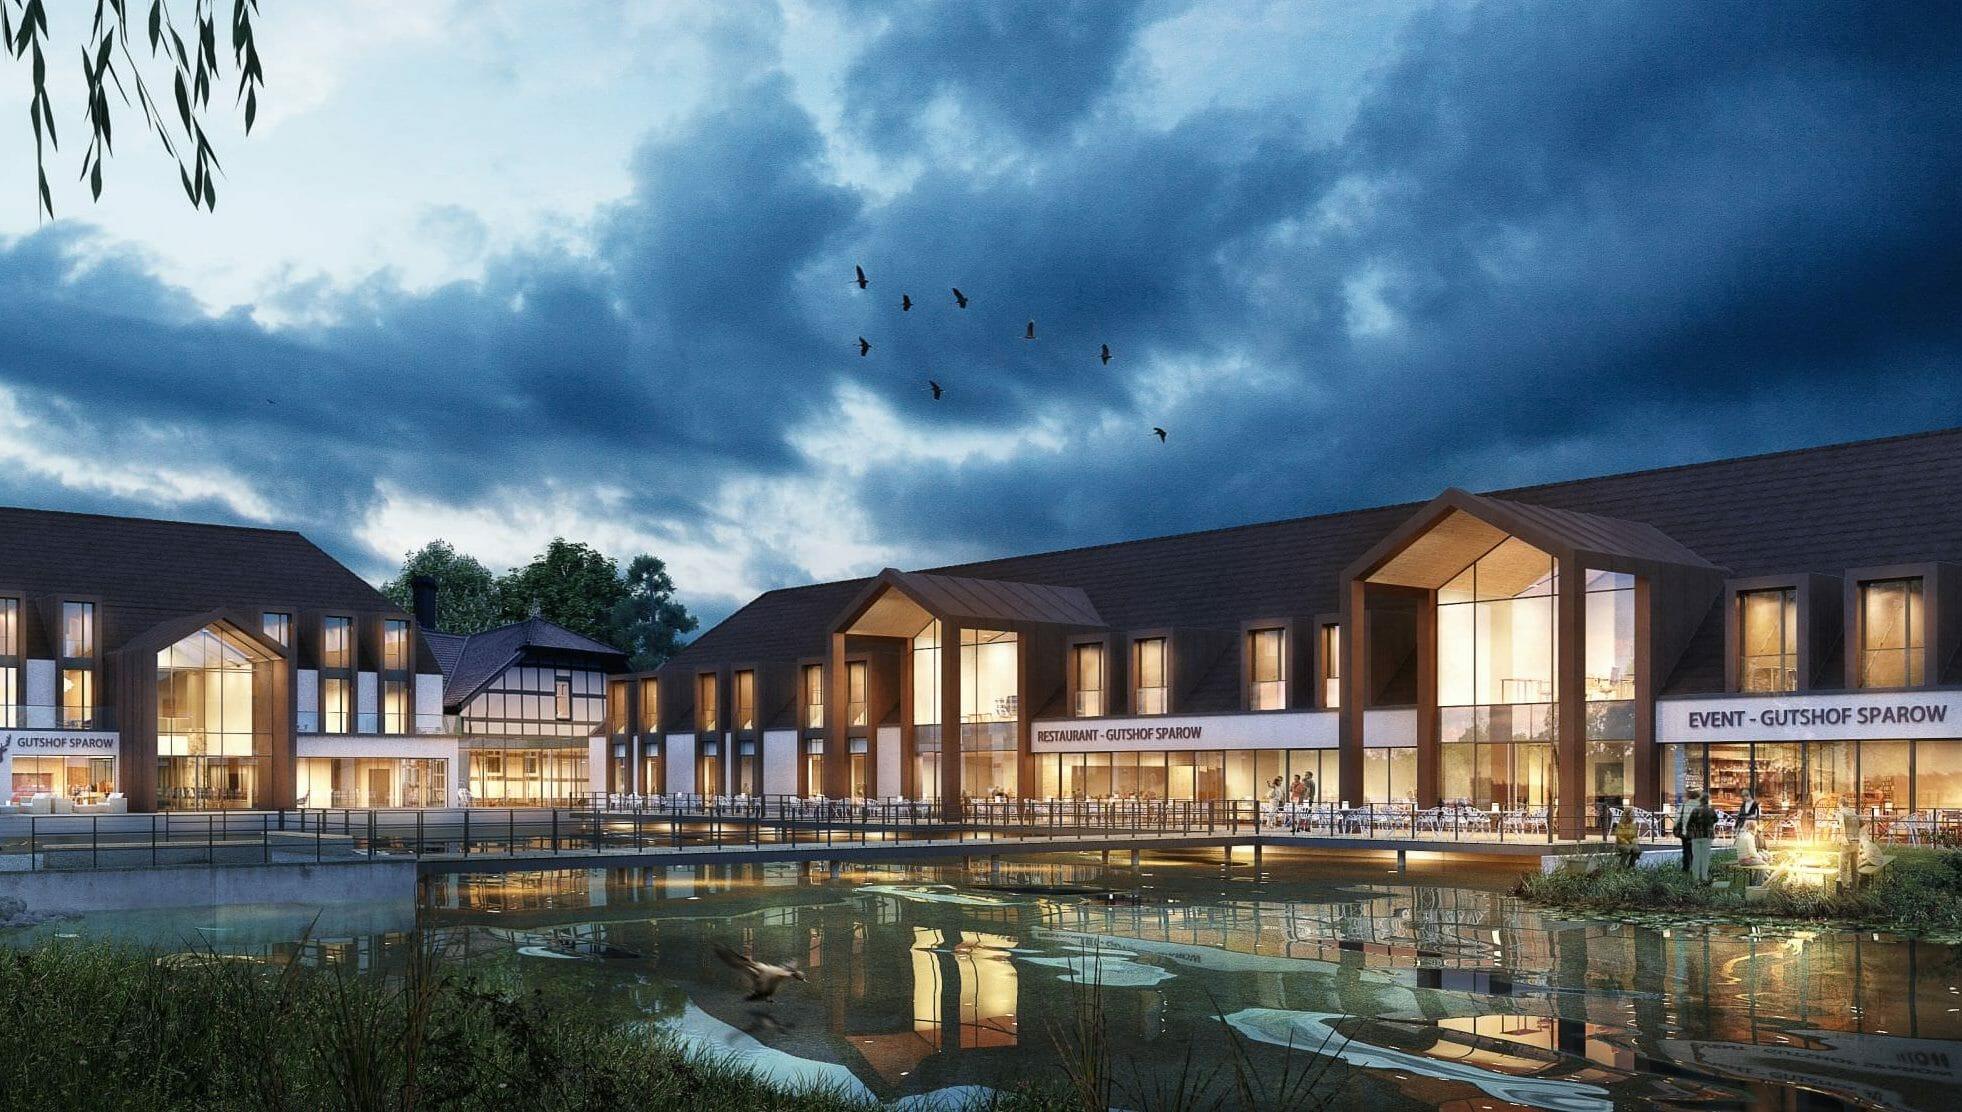 Hotel g gmd architekten bremen - Architekten bremen ...